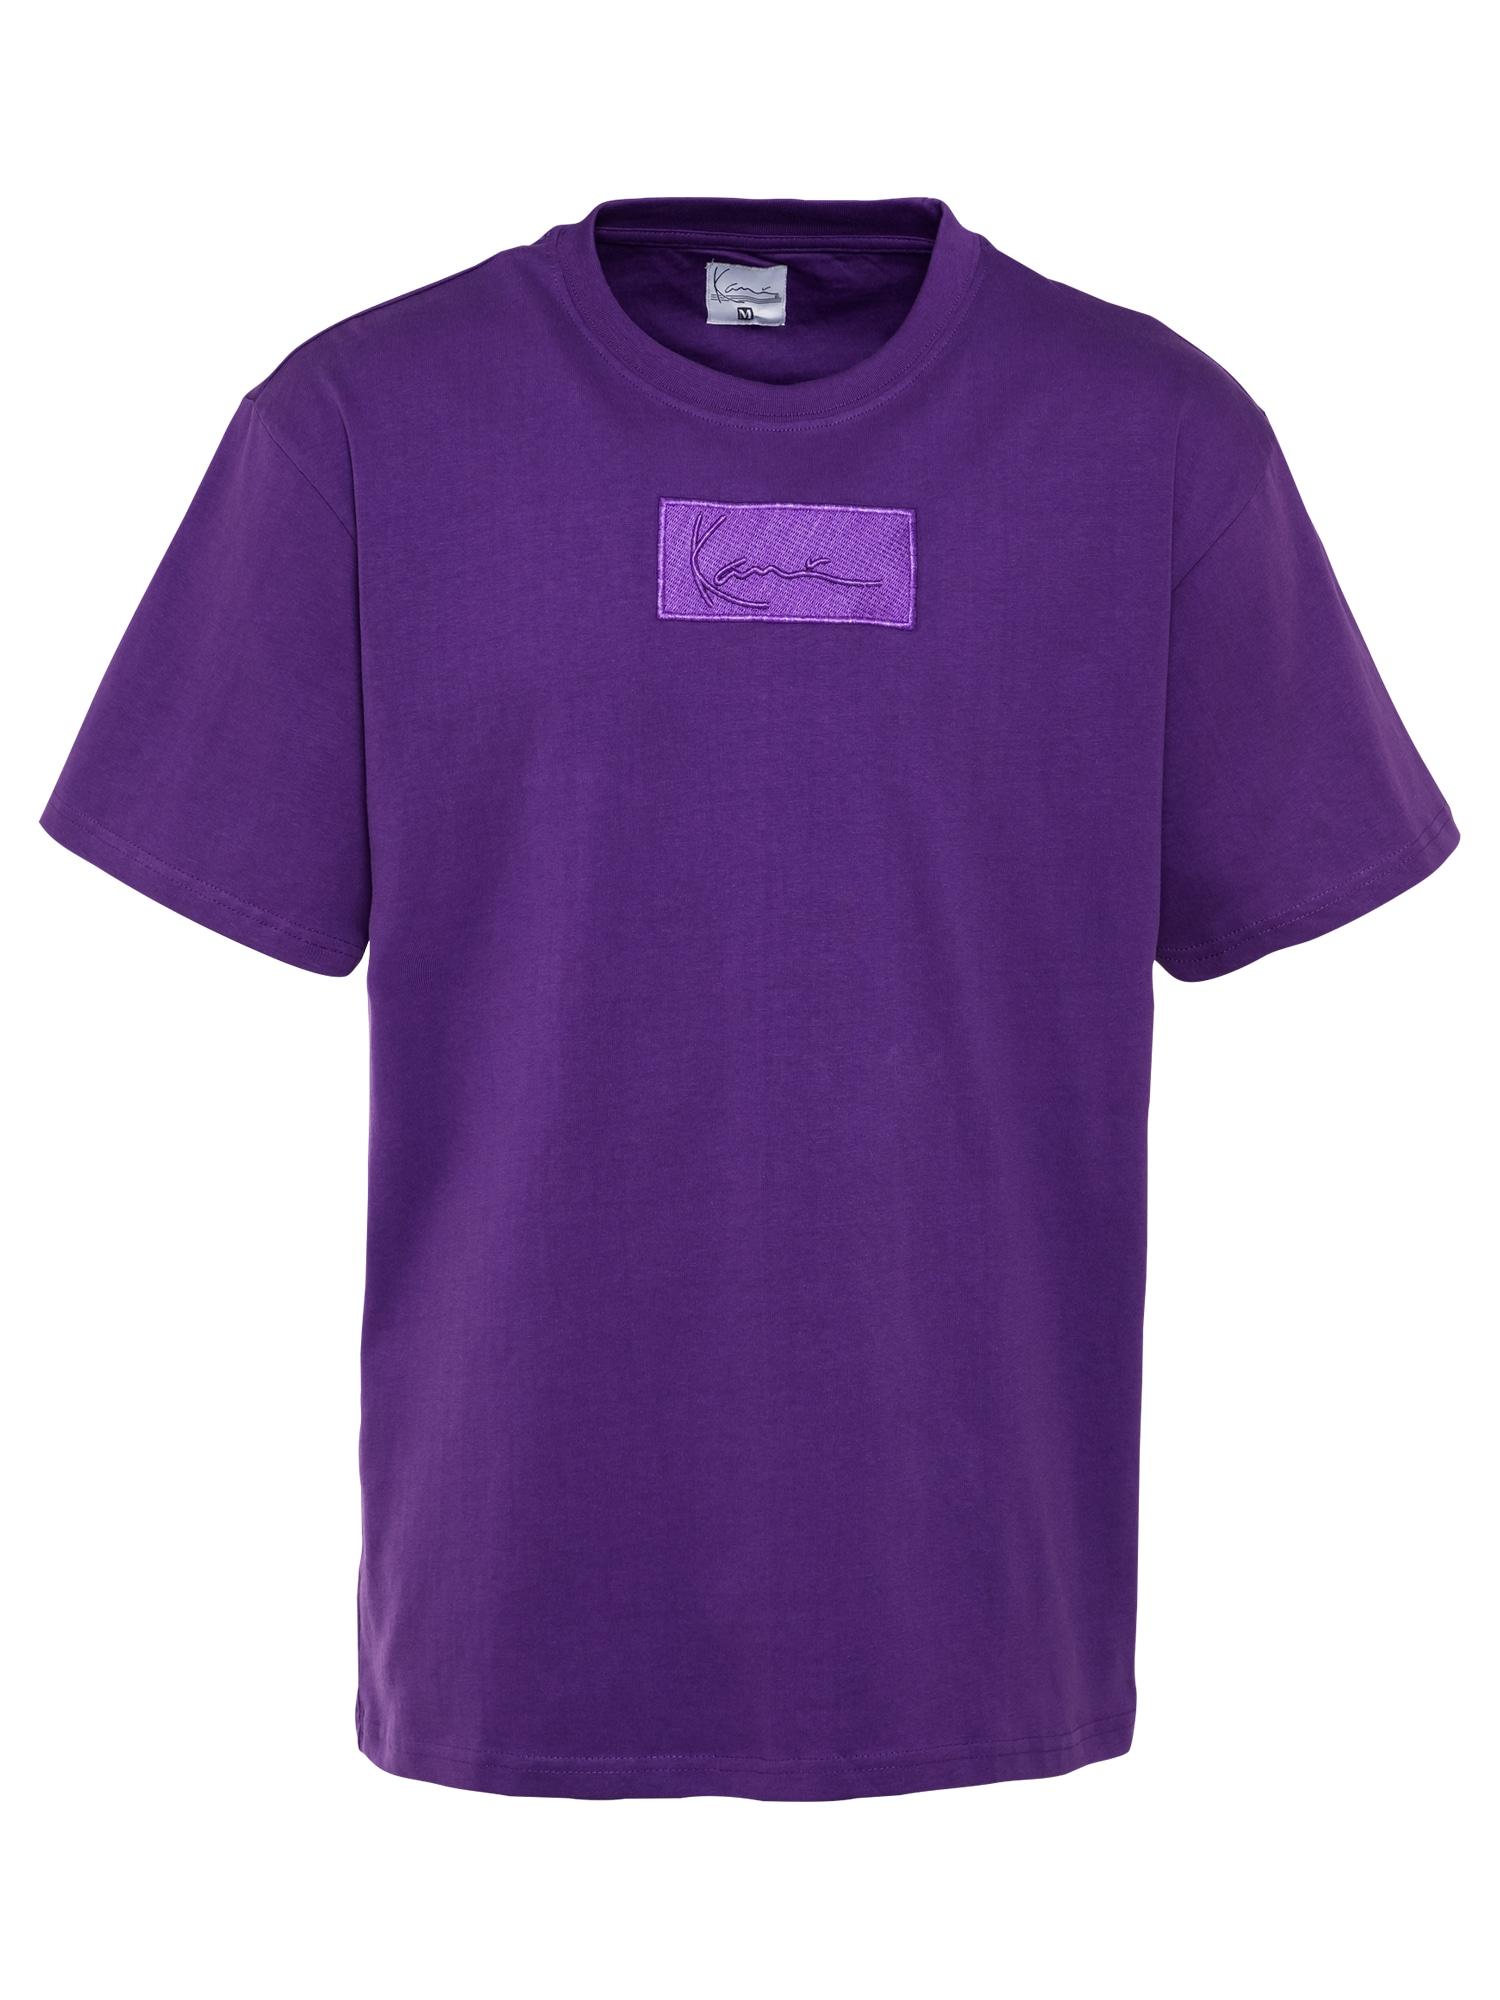 Karl Kani Marškinėliai tamsiai violetinė